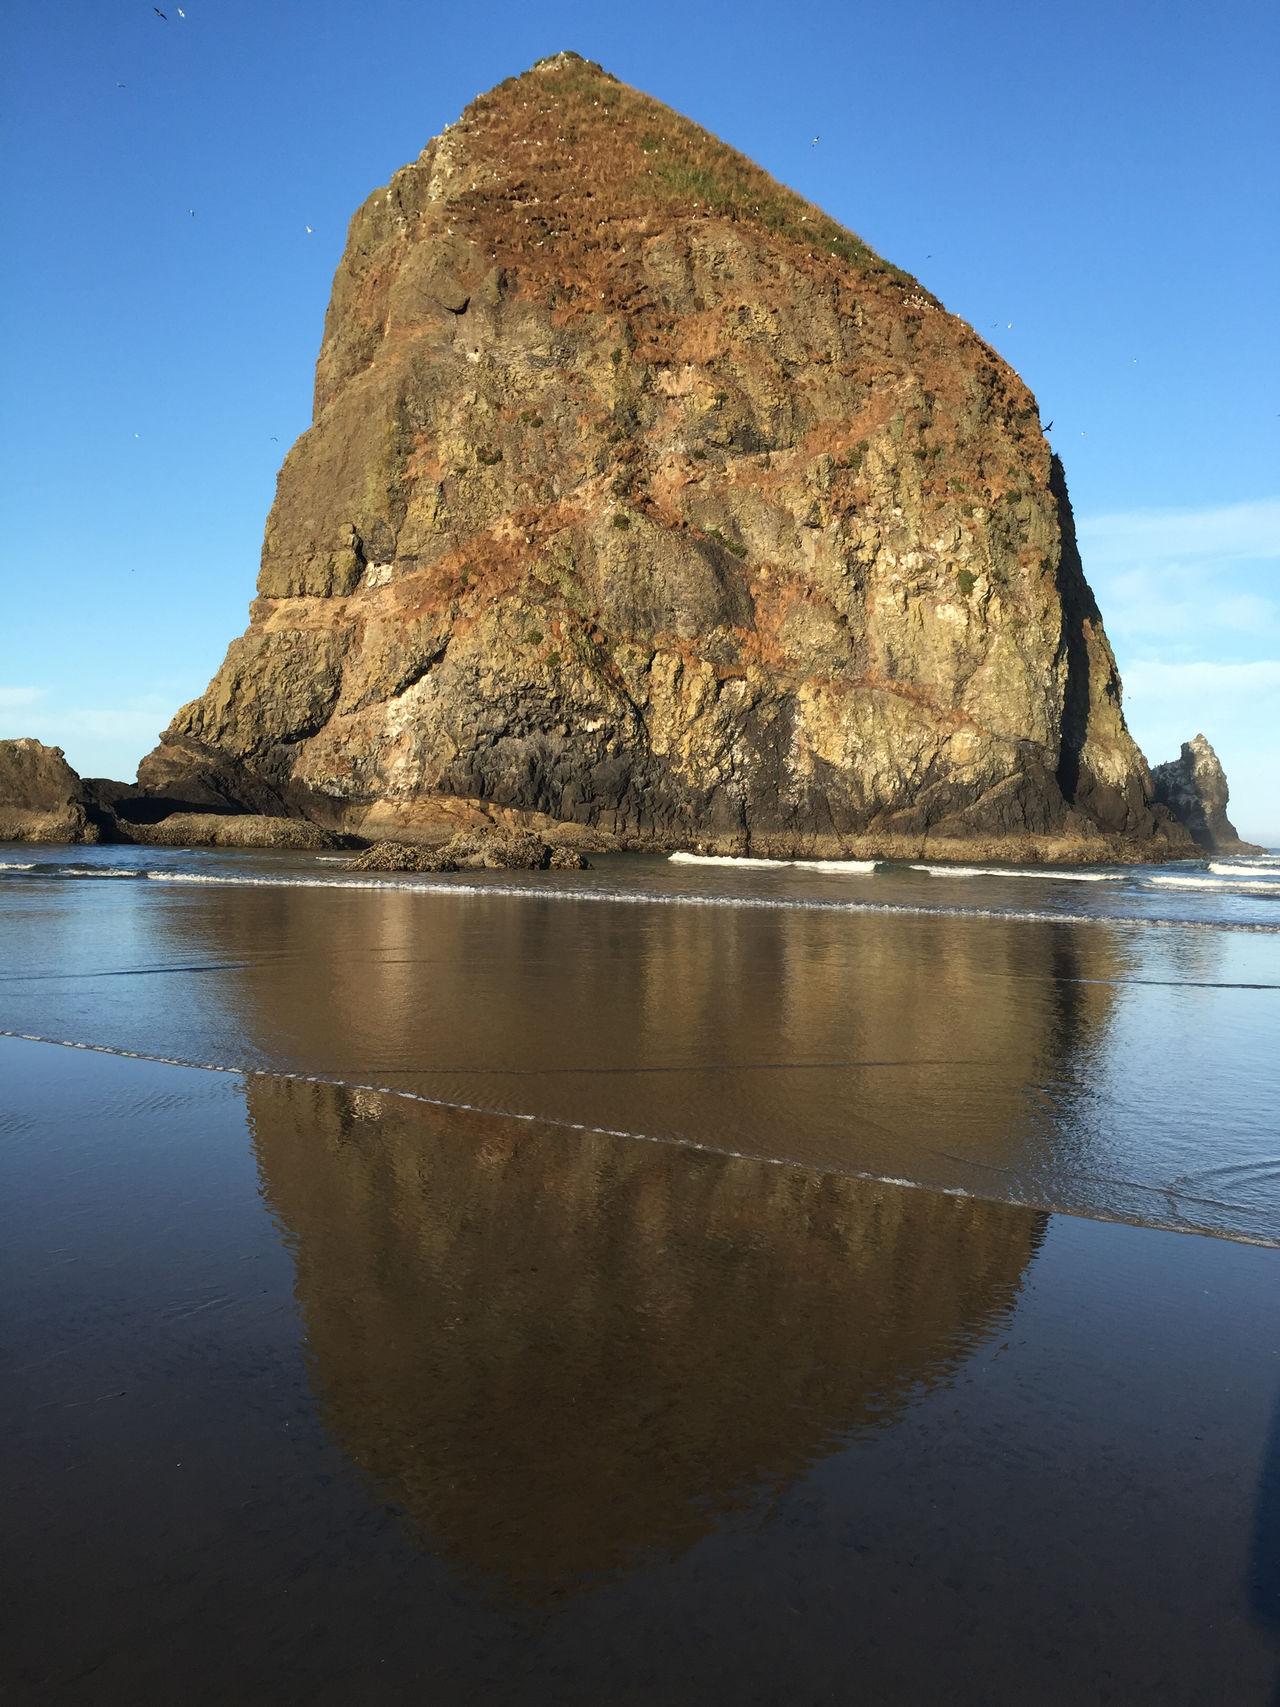 Haystack Rock at Cannon Beach, OR Cannon Beach, OR Haystack Rock Ocean View Oregon Coastline Pacific Northwest Beauty Pacific NorthWest Coast Pacific Ocean View Rock Formation First Eyeem Photo